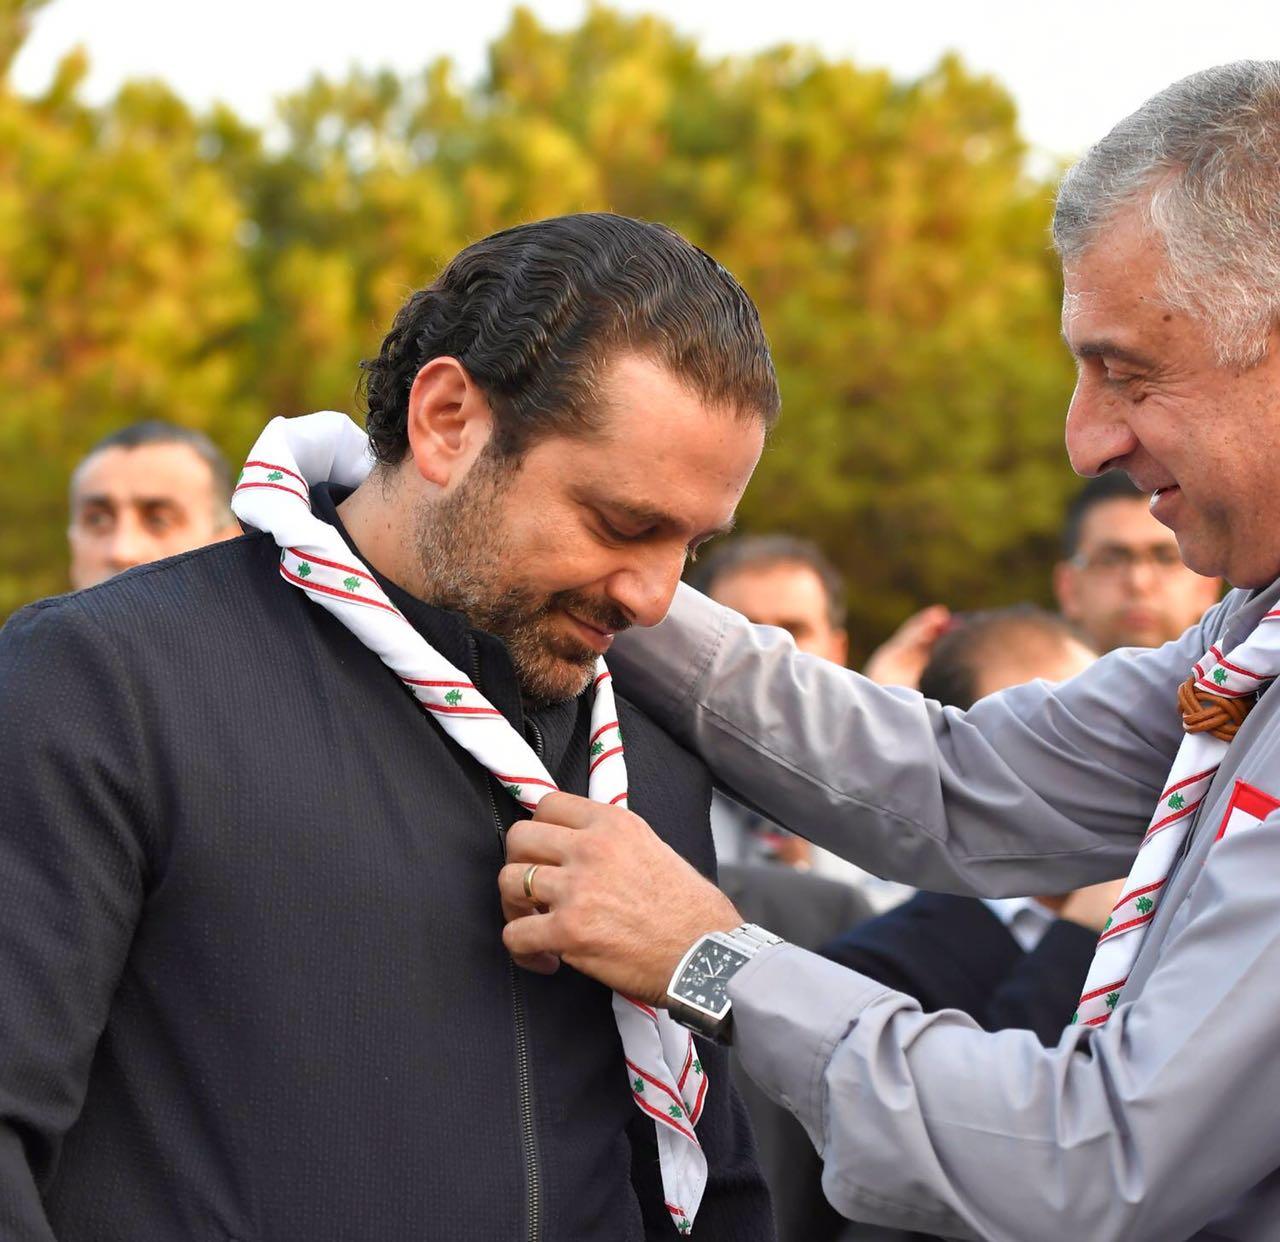 صورة الرئيس الحريري يختتم حفل المخيم الكشفي الوطني الاول لاتحاد كشافة لبنان